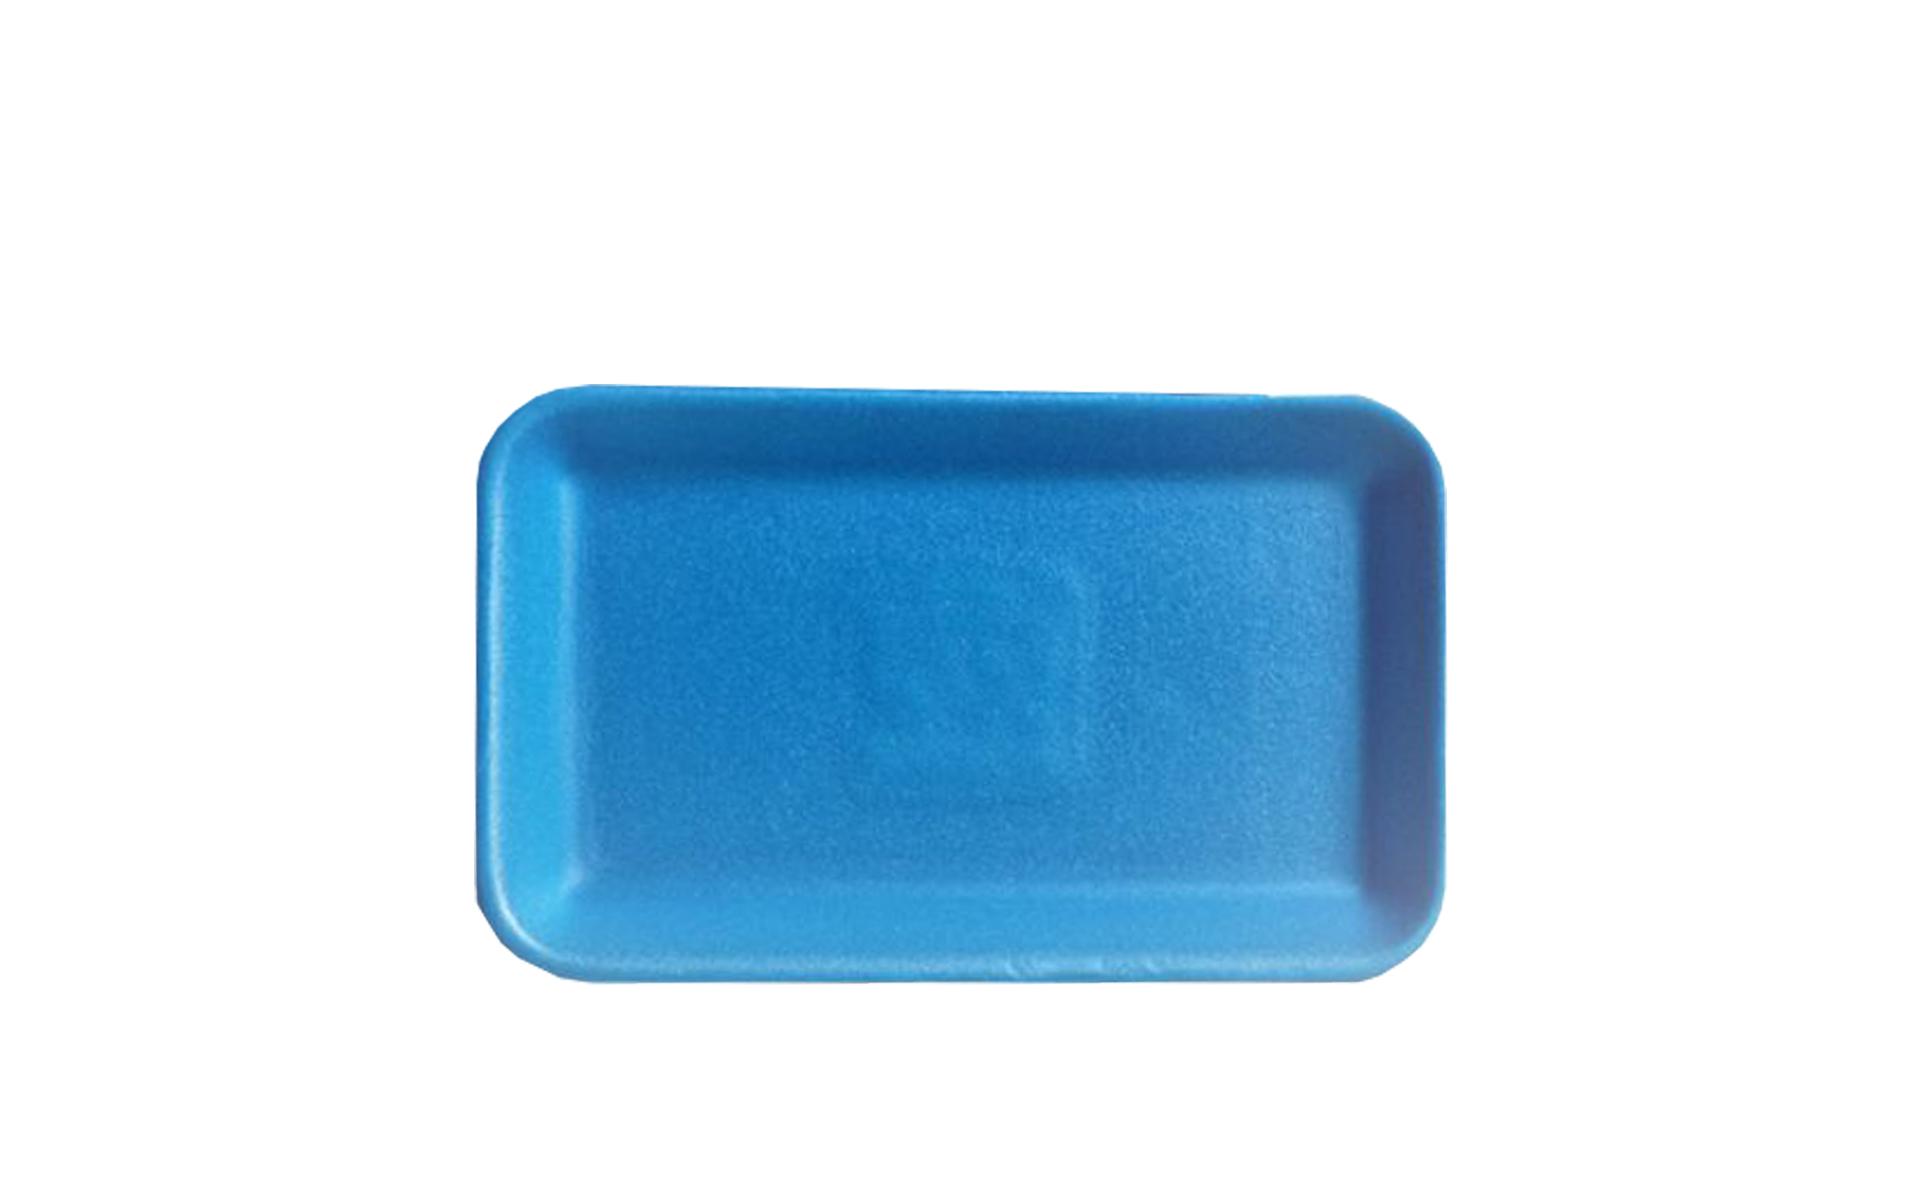 Bandeja 99 azul